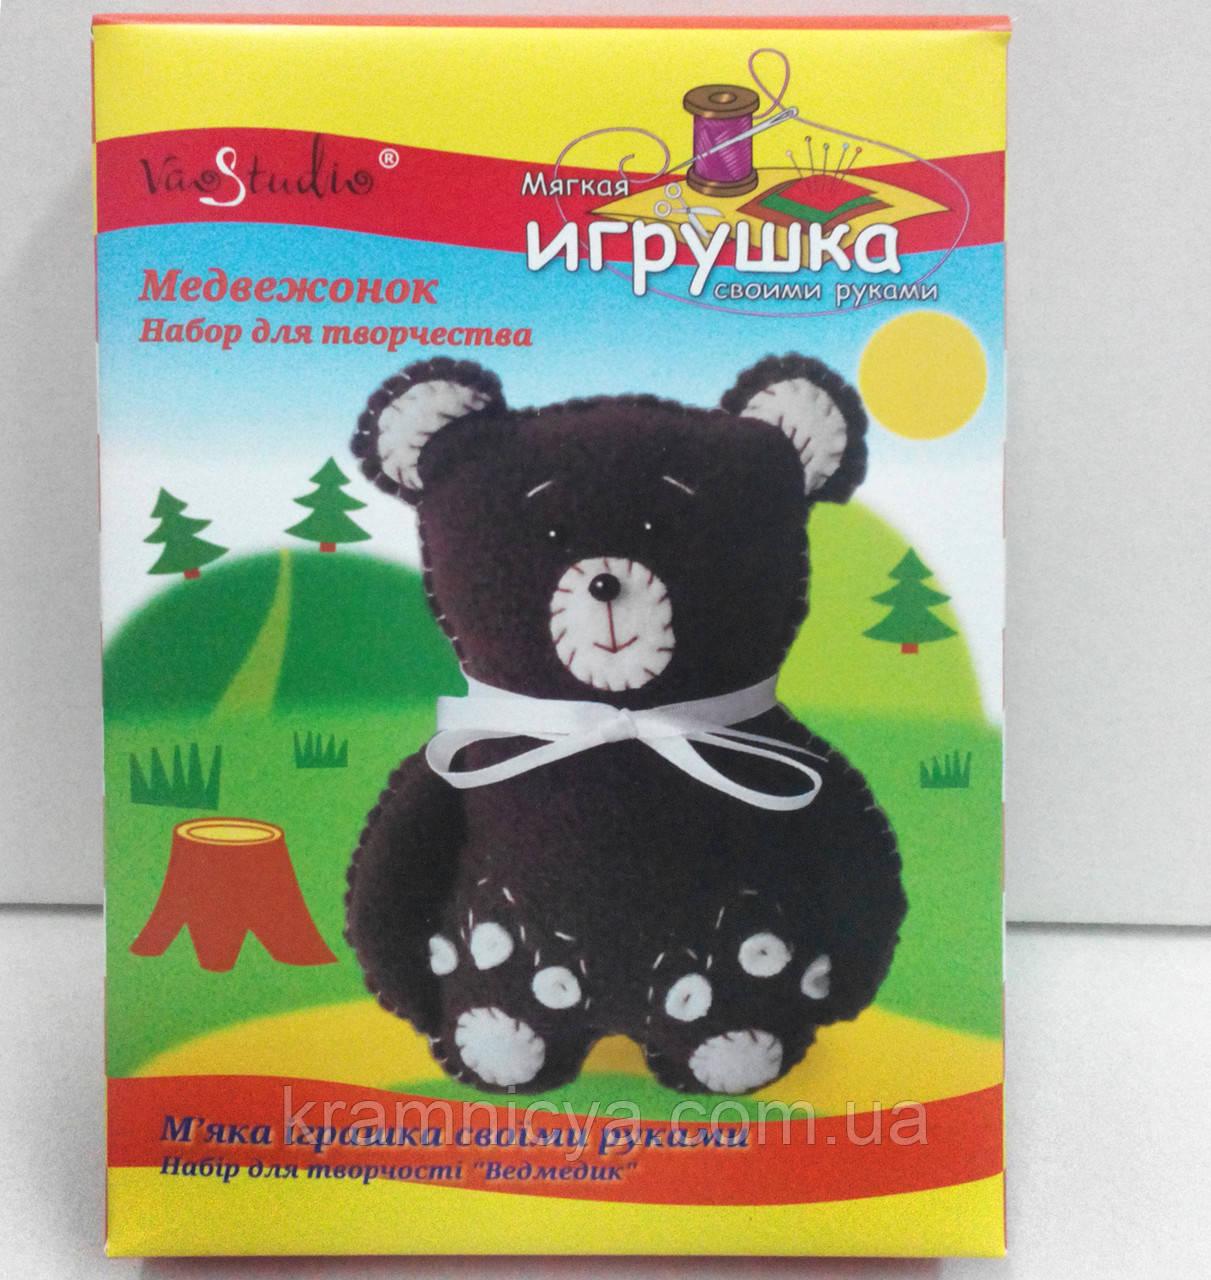 Набор для творчества 'Медвежонок', серия Мягкая игрушкa